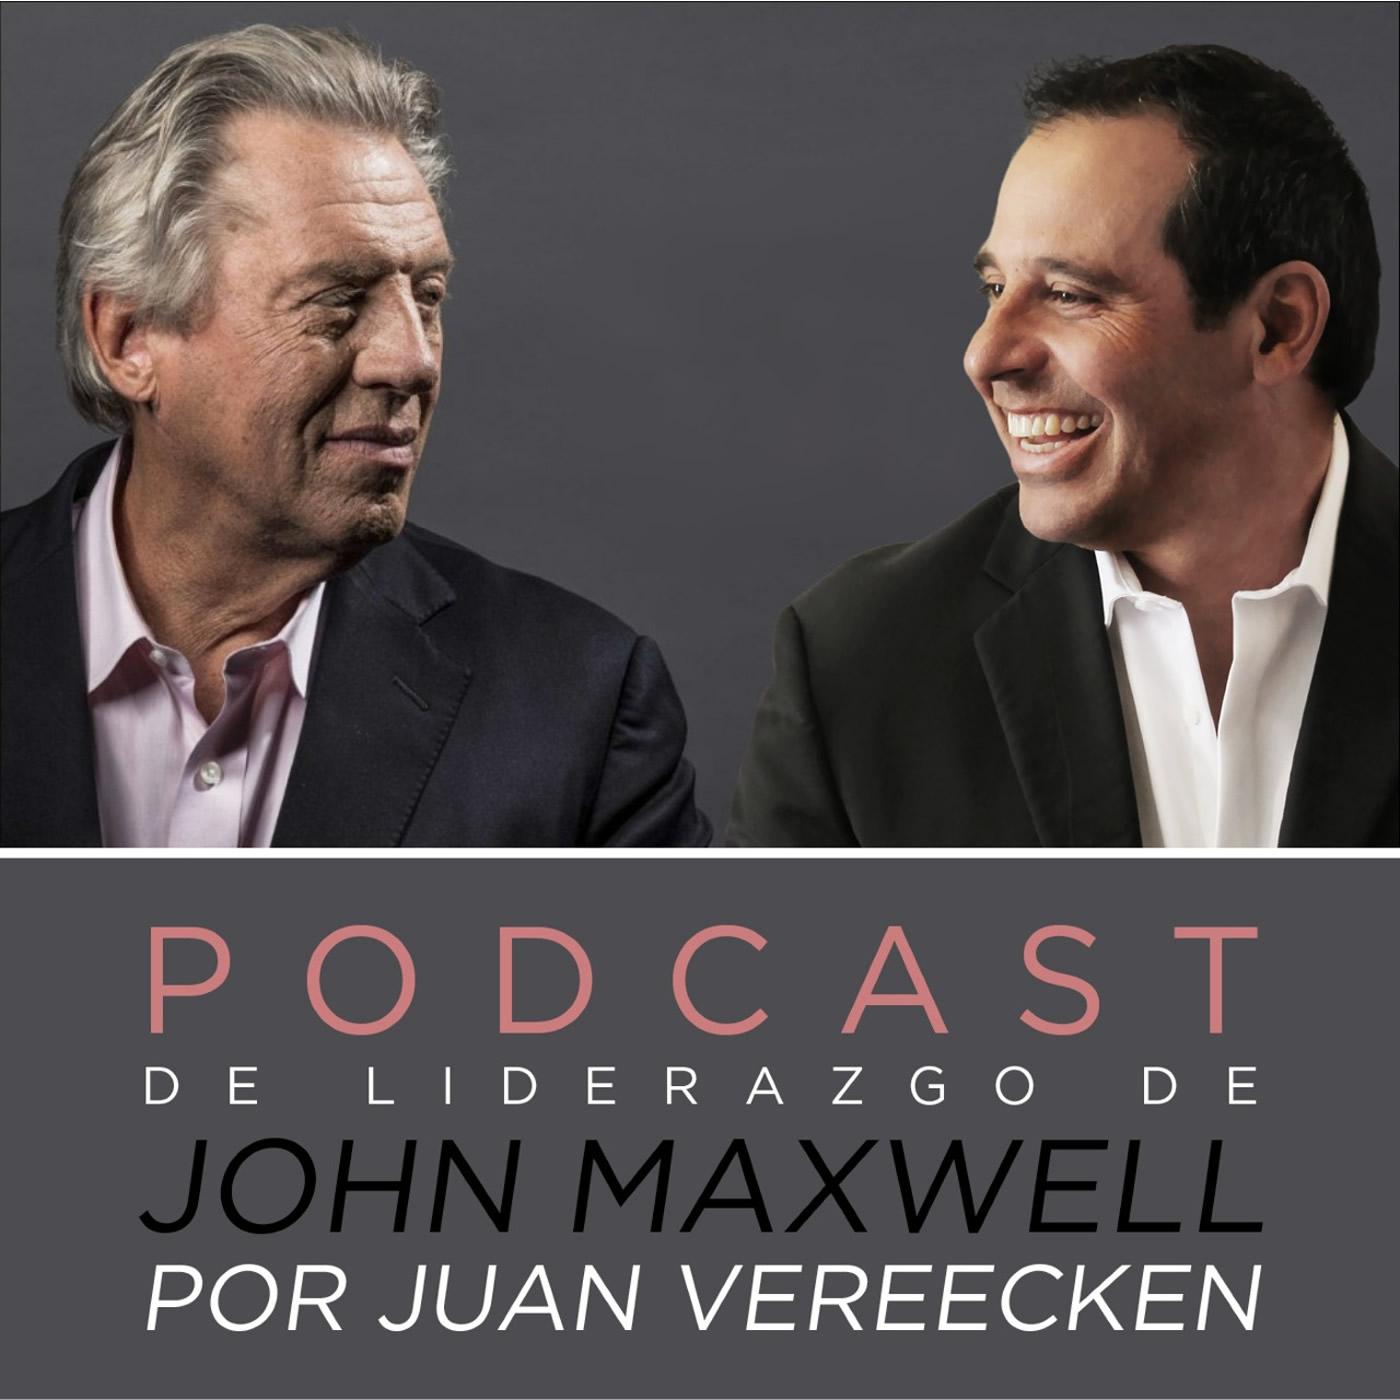 El Podcast de Liderazgo de John Maxwell